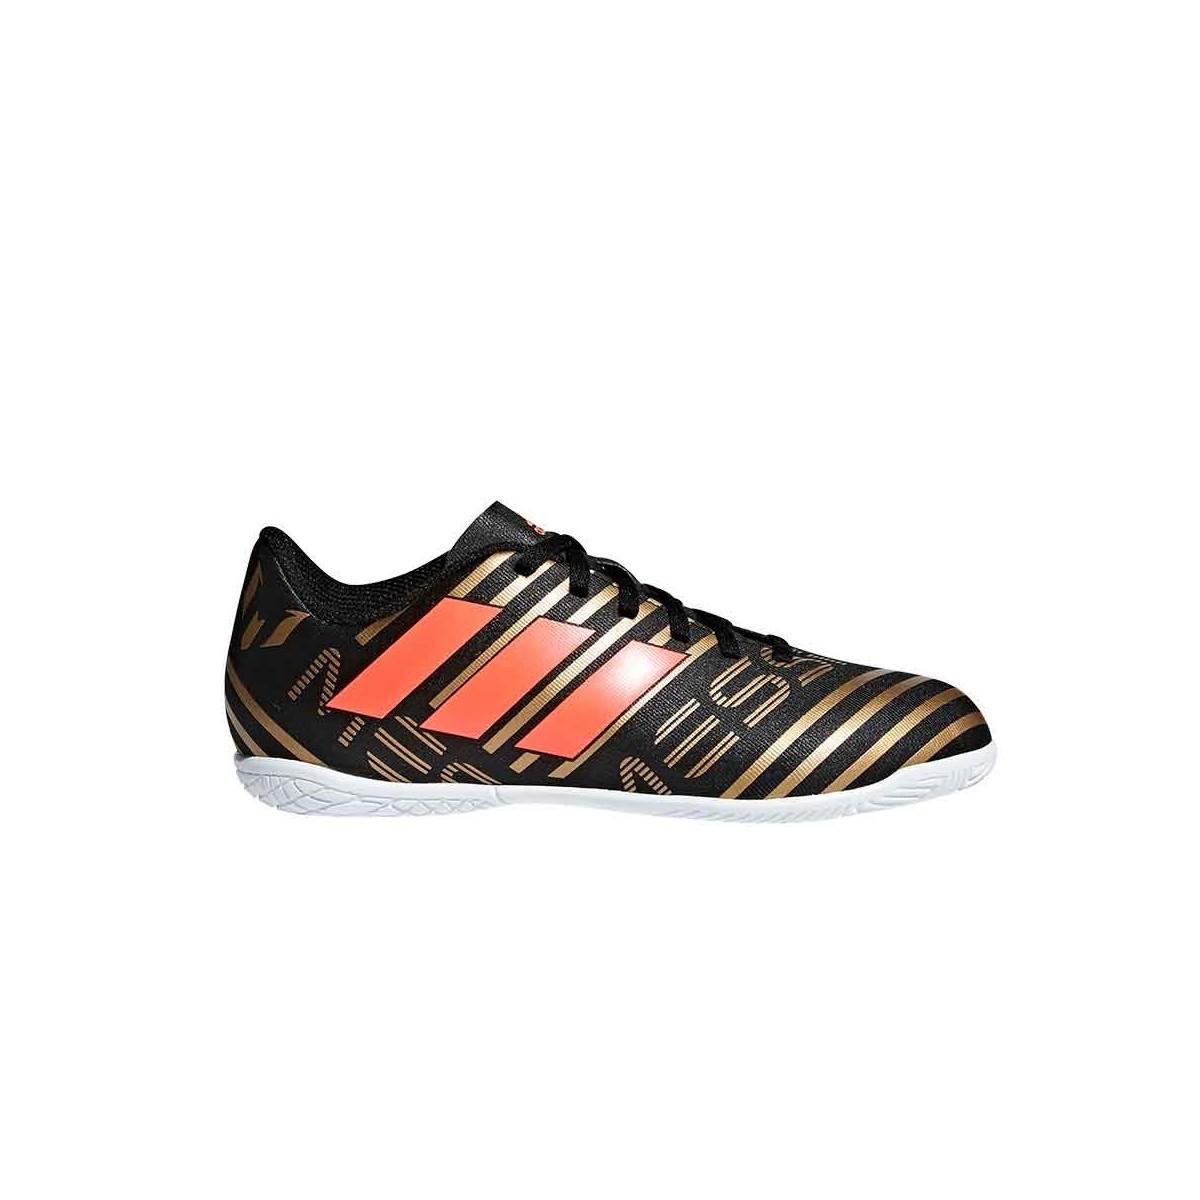 Umbro Chaussures Enfant Futsal 81138u Czp yUXBxu